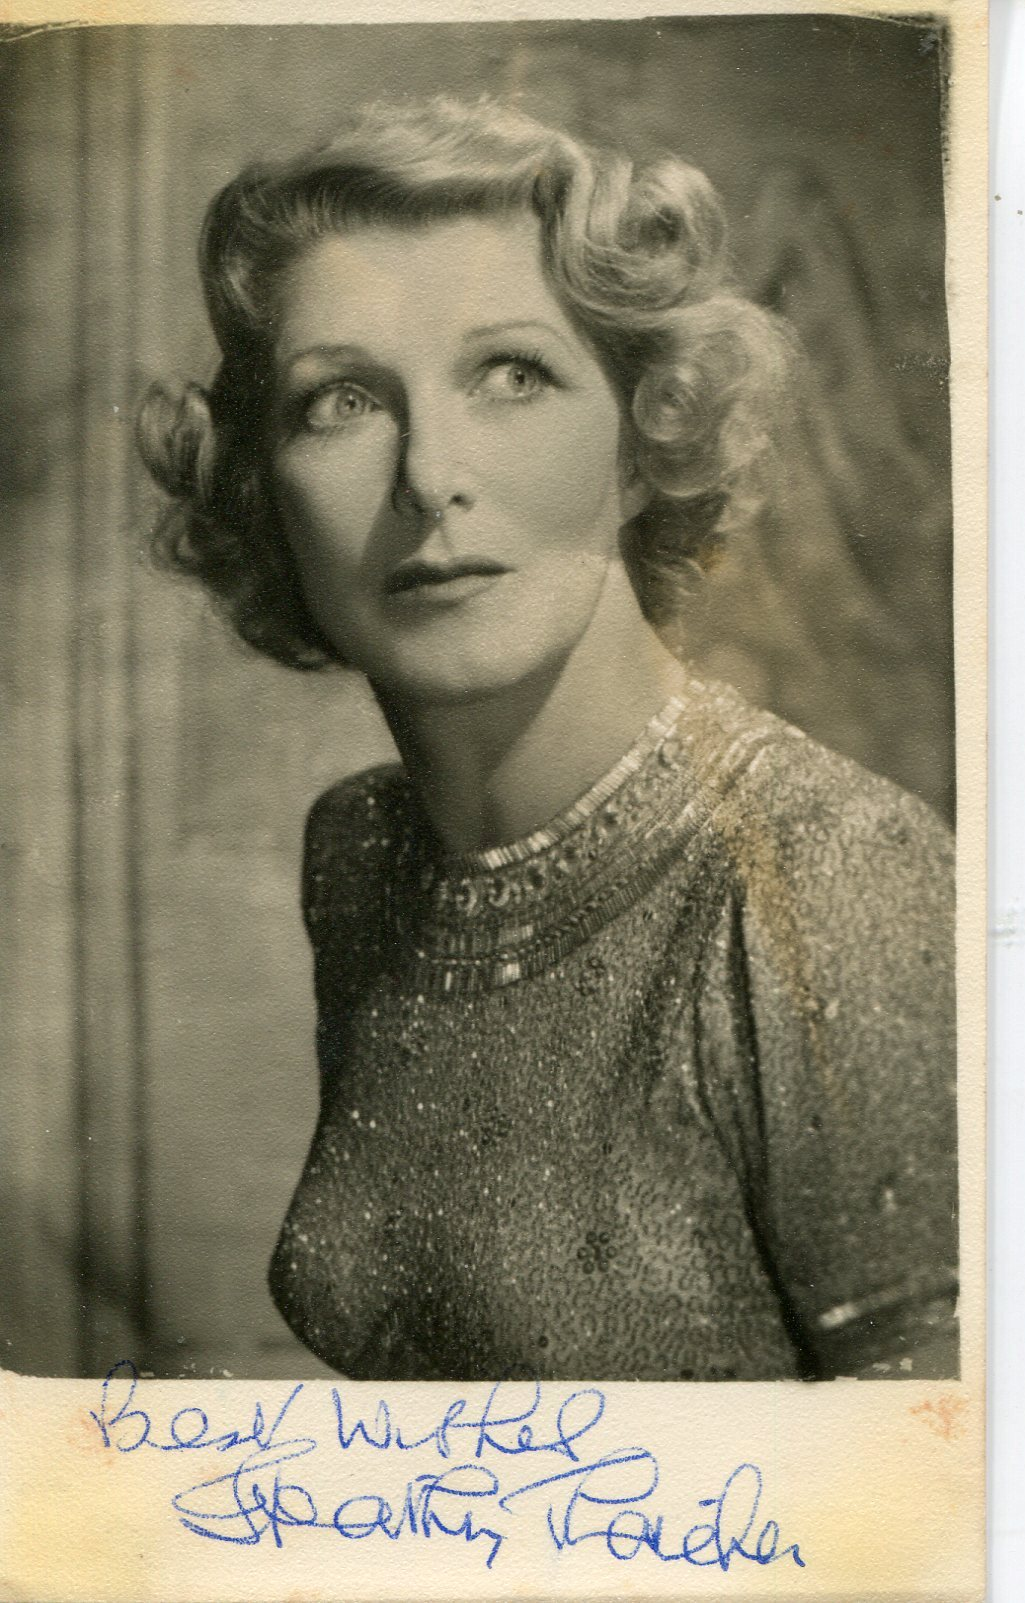 Heather Thatcher